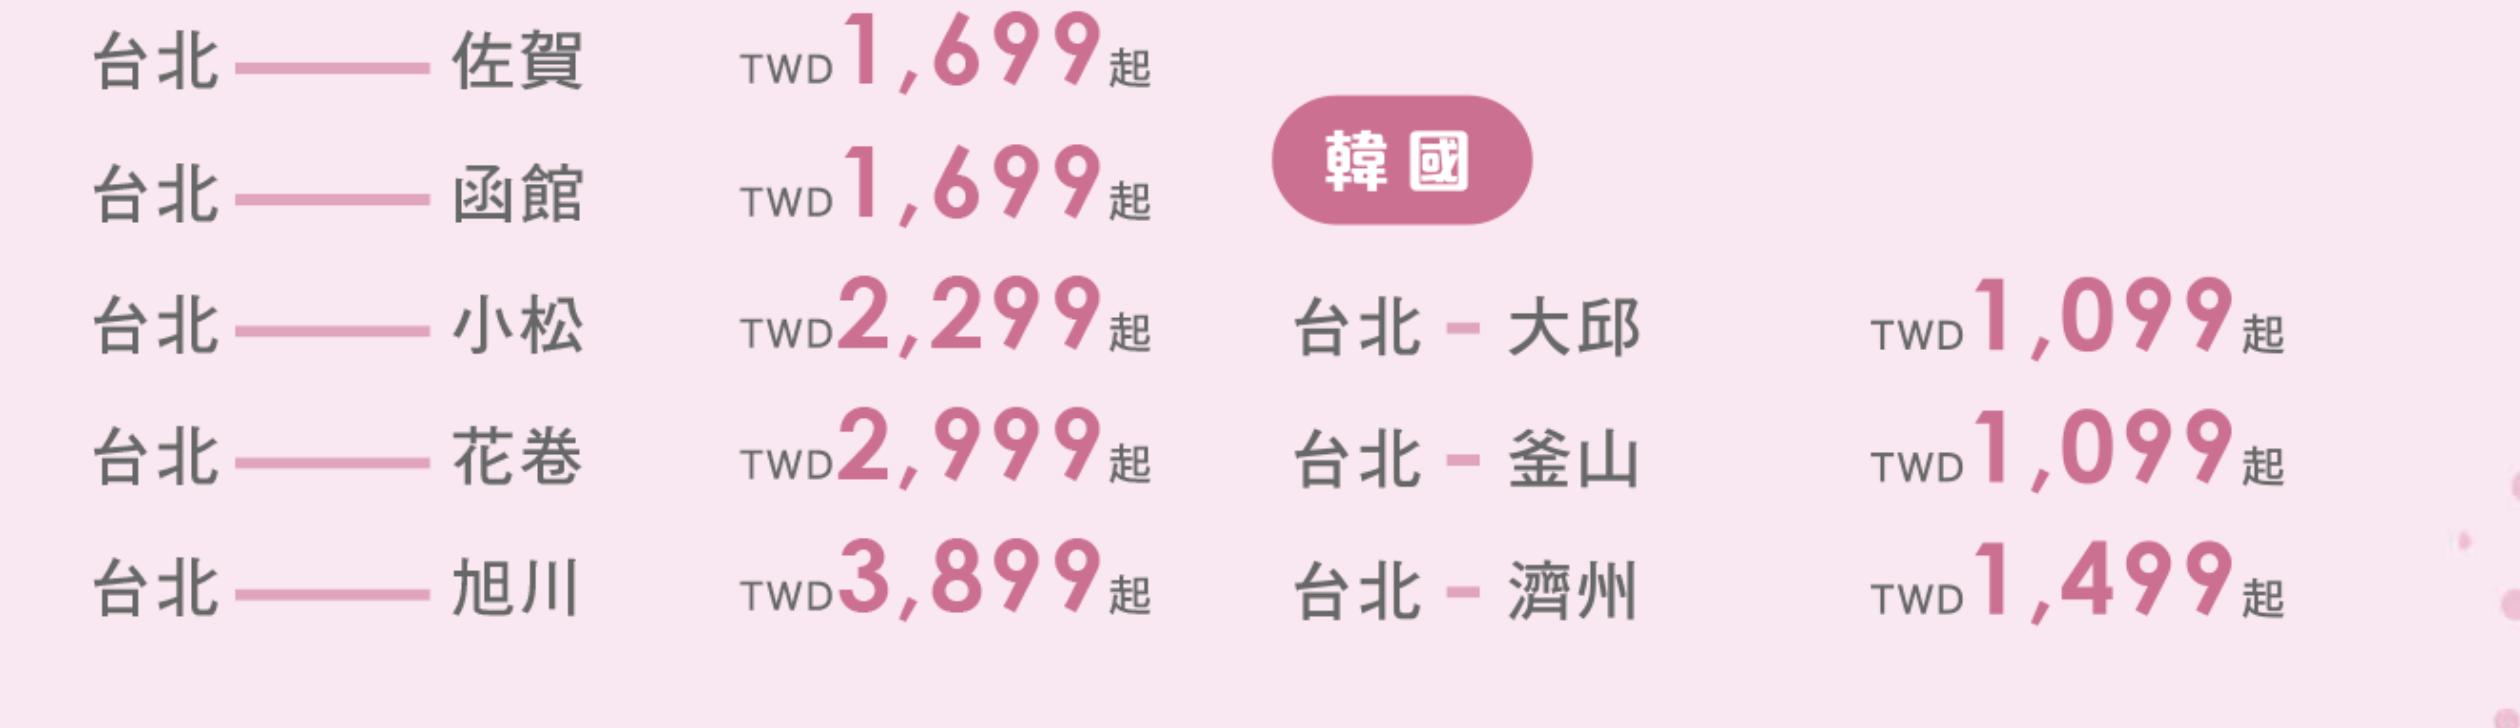 虎航旅展促銷|10點搶票,最低單程未稅999元起~